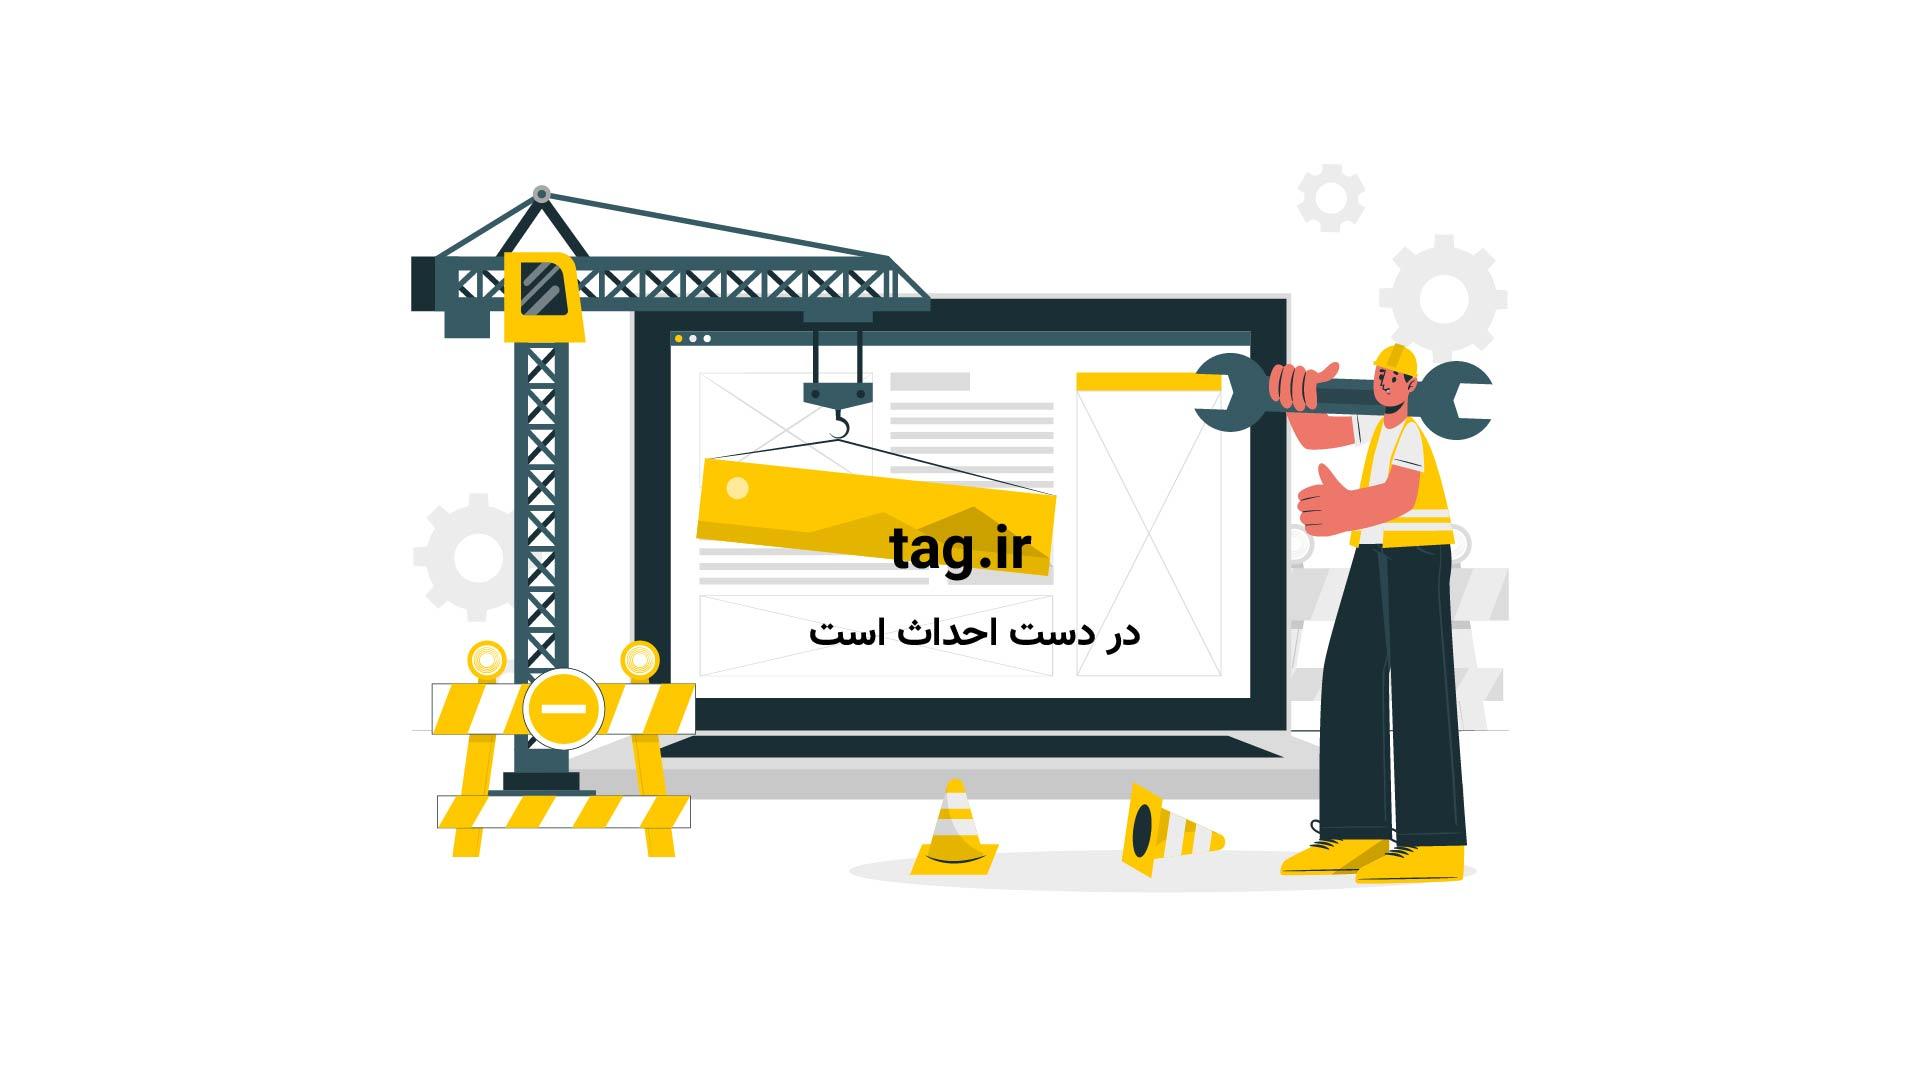 مسجد نصیرالملک؛ معروف به مسجد رنگ ها در شیراز | فیلم